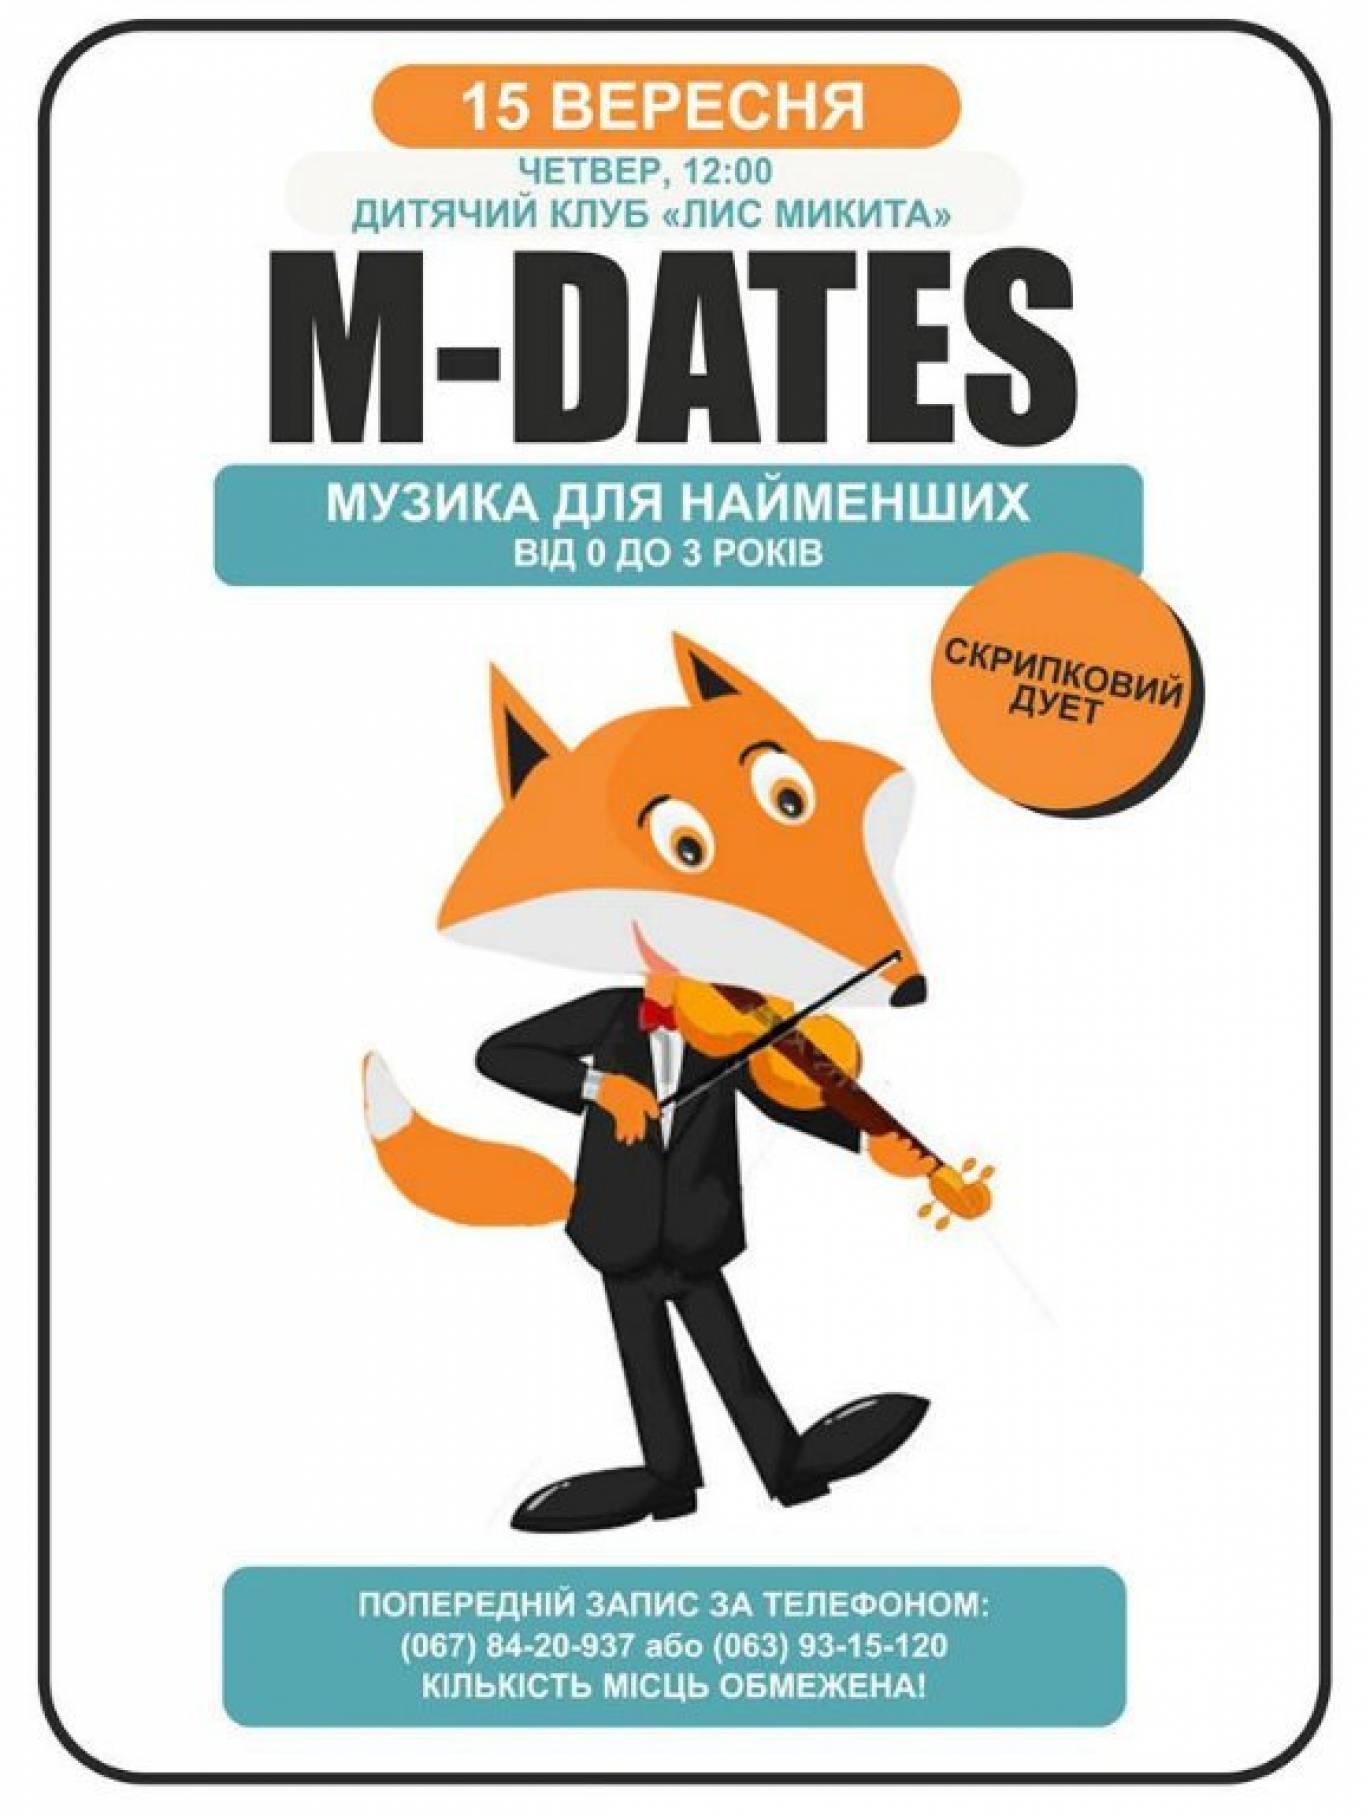 """Концерт """"M-Dates. Скрипковий дует"""""""